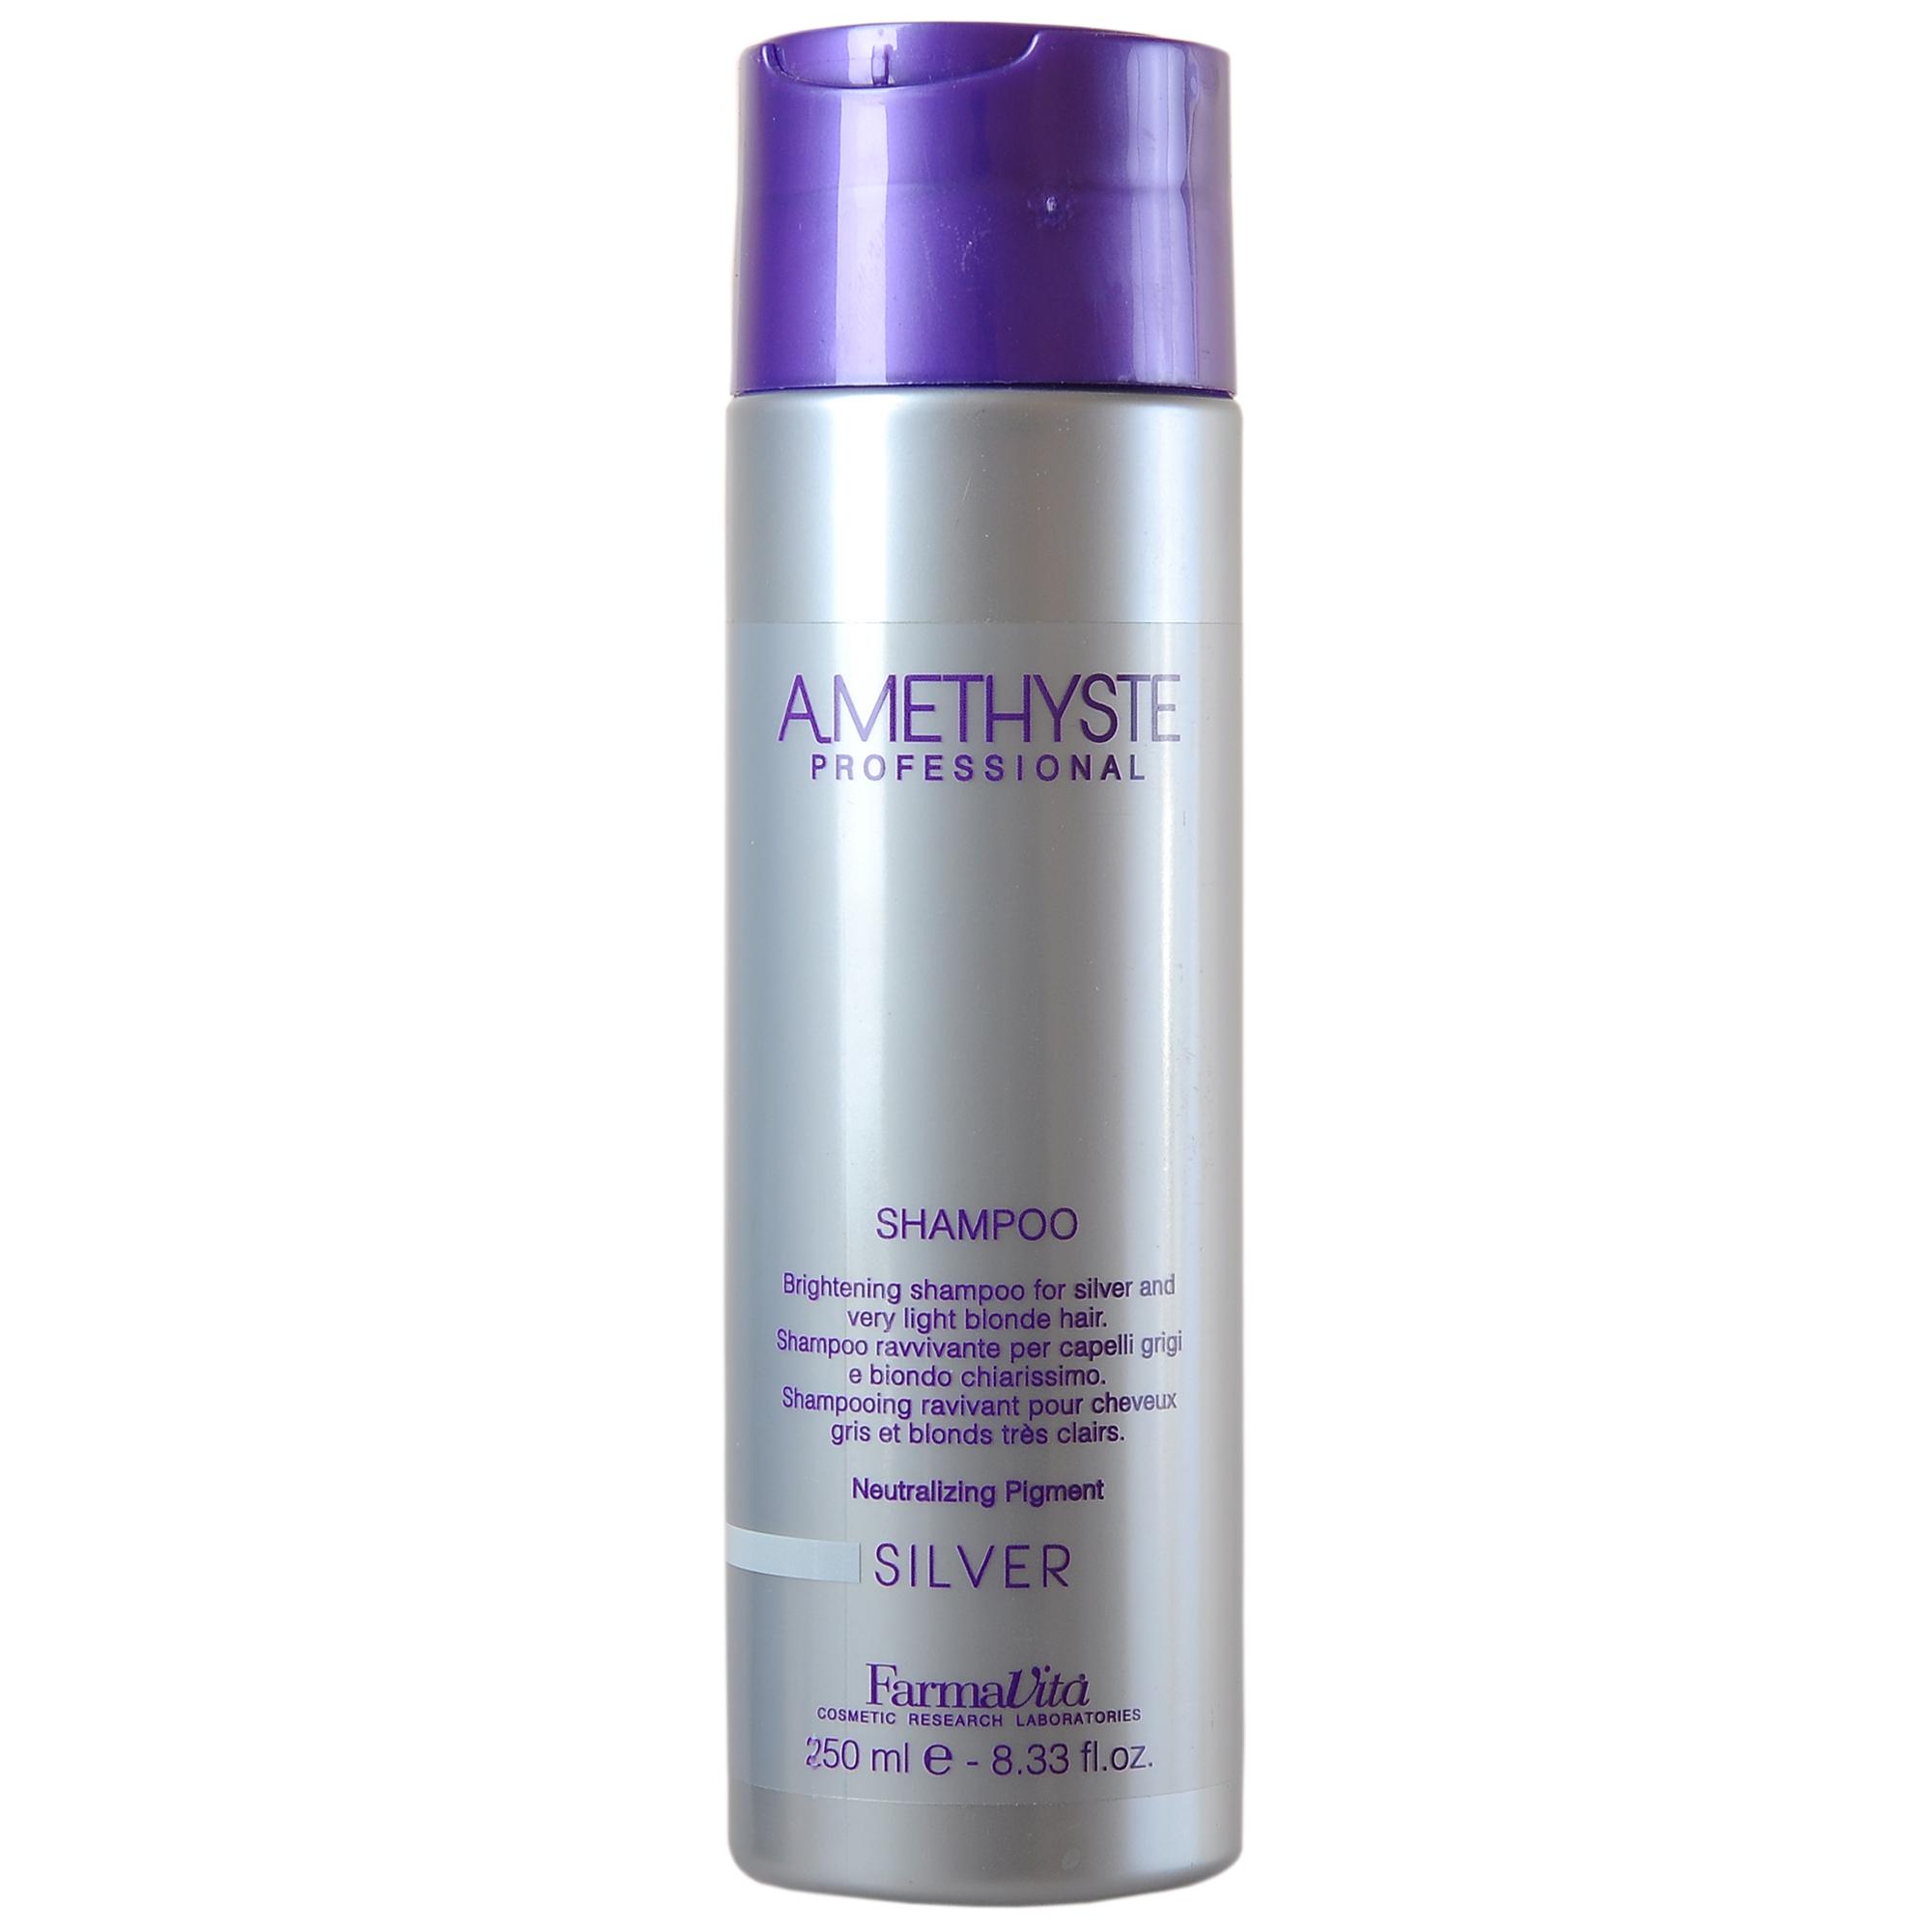 FARMAVITA Шампунь для светлых и седых волос / Amethyste silver shampoo 250мл недорого